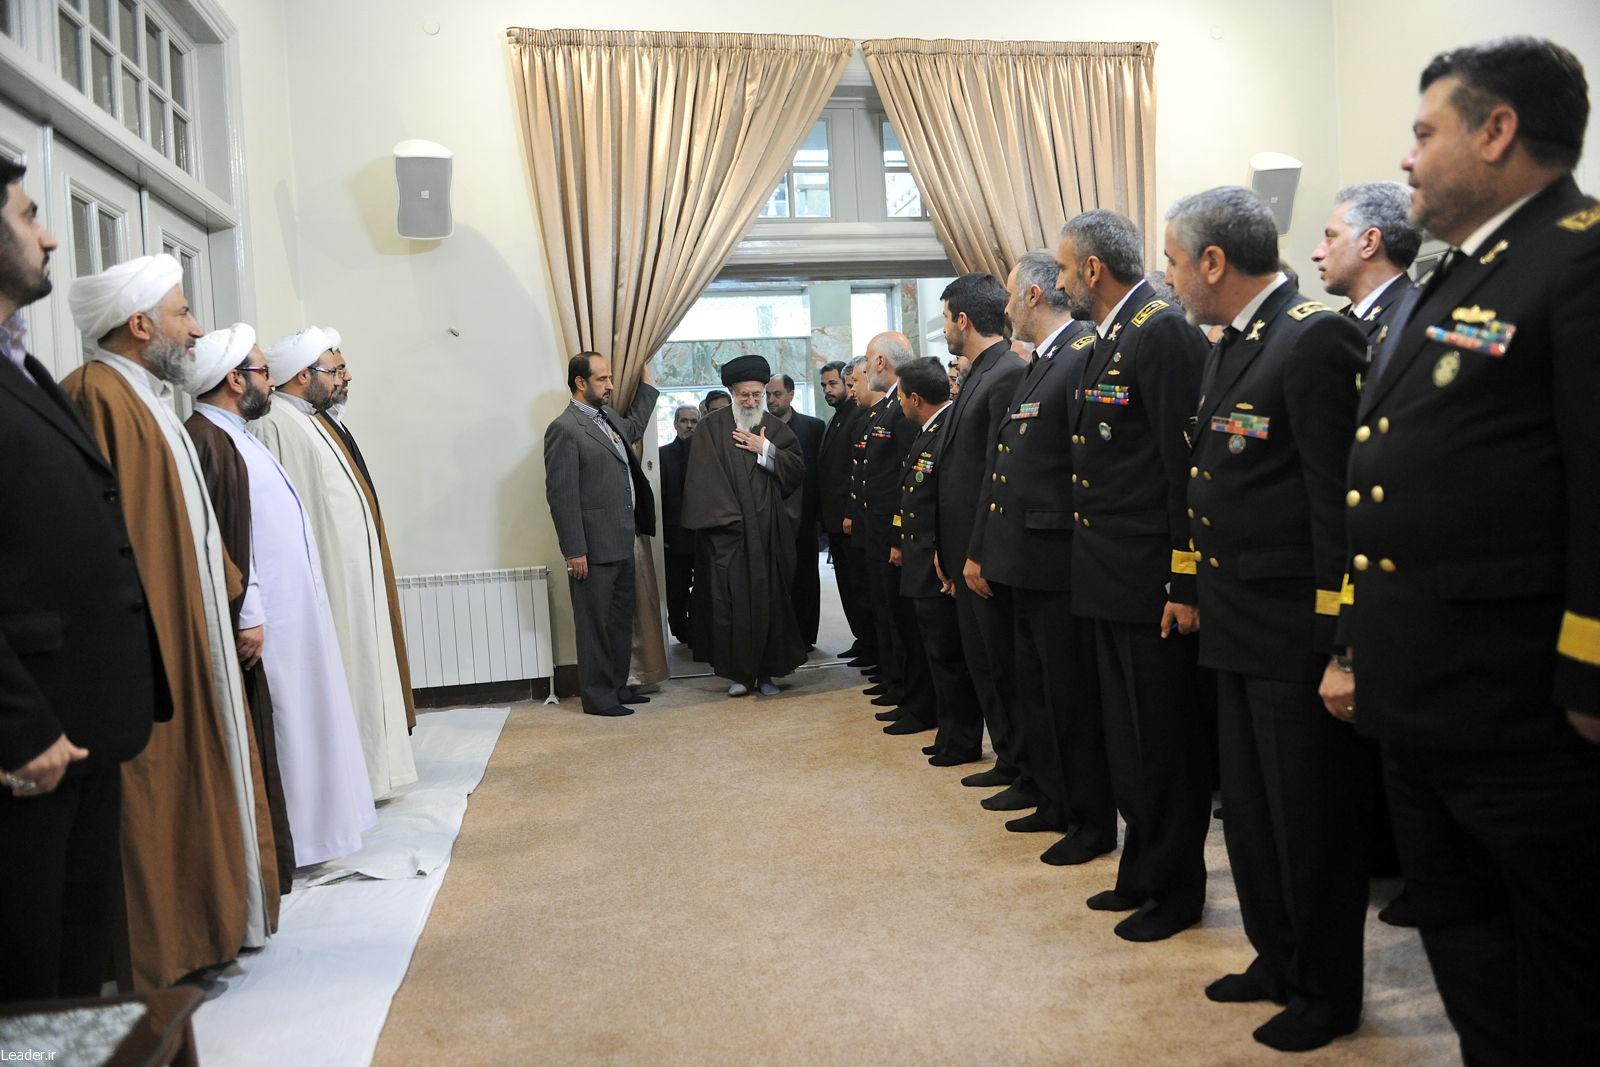 رهبر معظم انقلاب اسلامی در دیدار فرماندهان و مسئولان نیروی دریایی ارتش: روحیه مقاومت و ایستادگی مایه آبرو و اعتبار نیروهای مسلح است